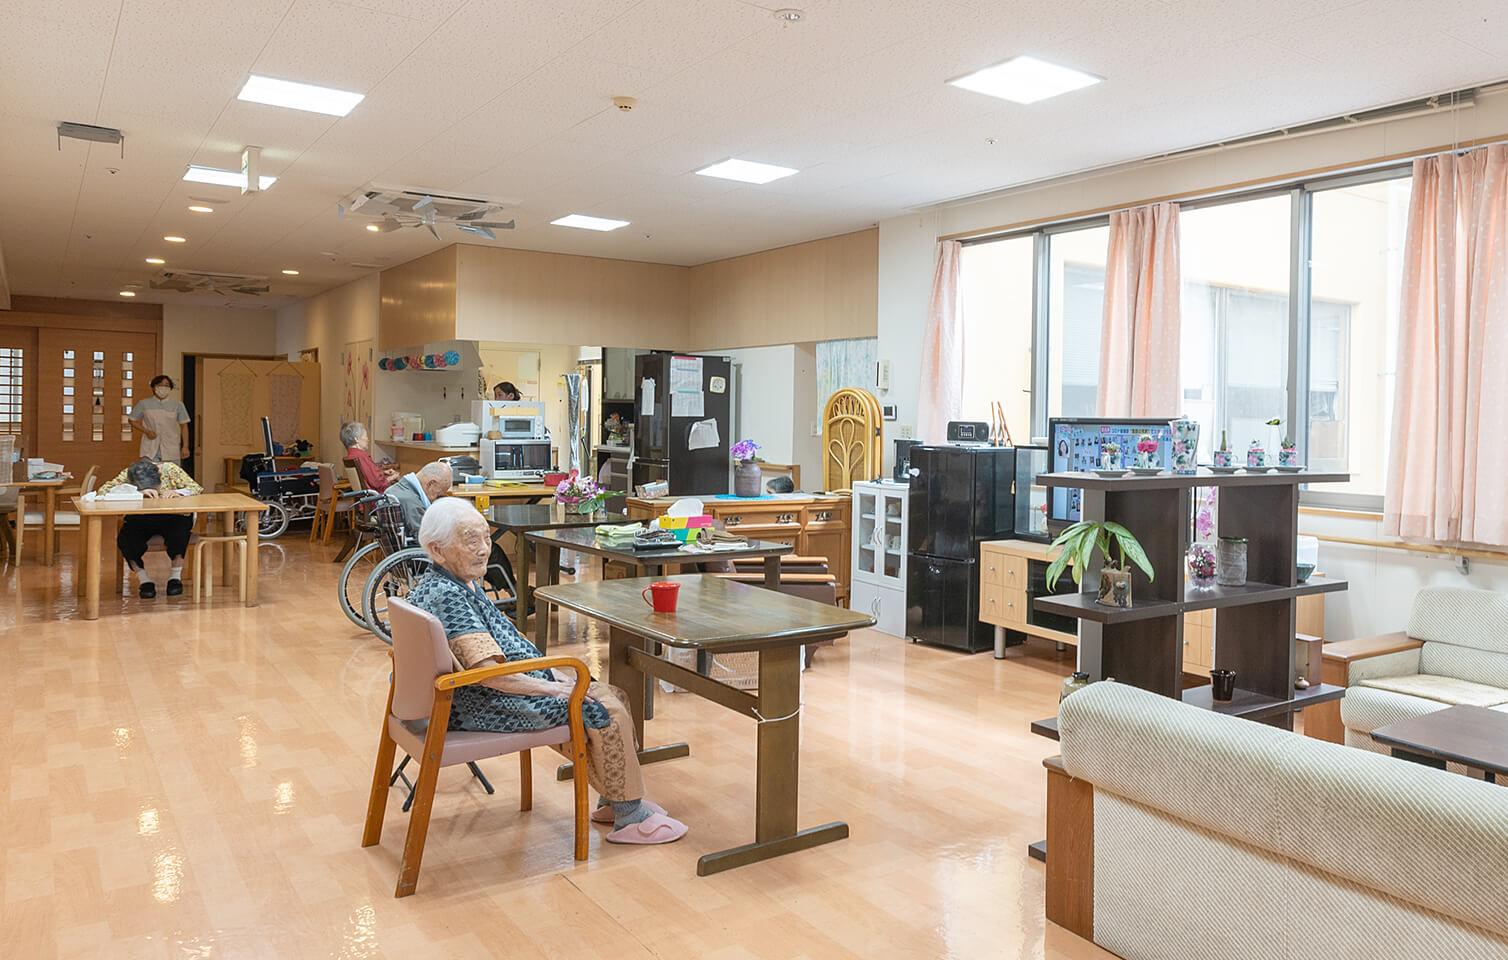 お年寄りが暮らすユニットホームのリビング